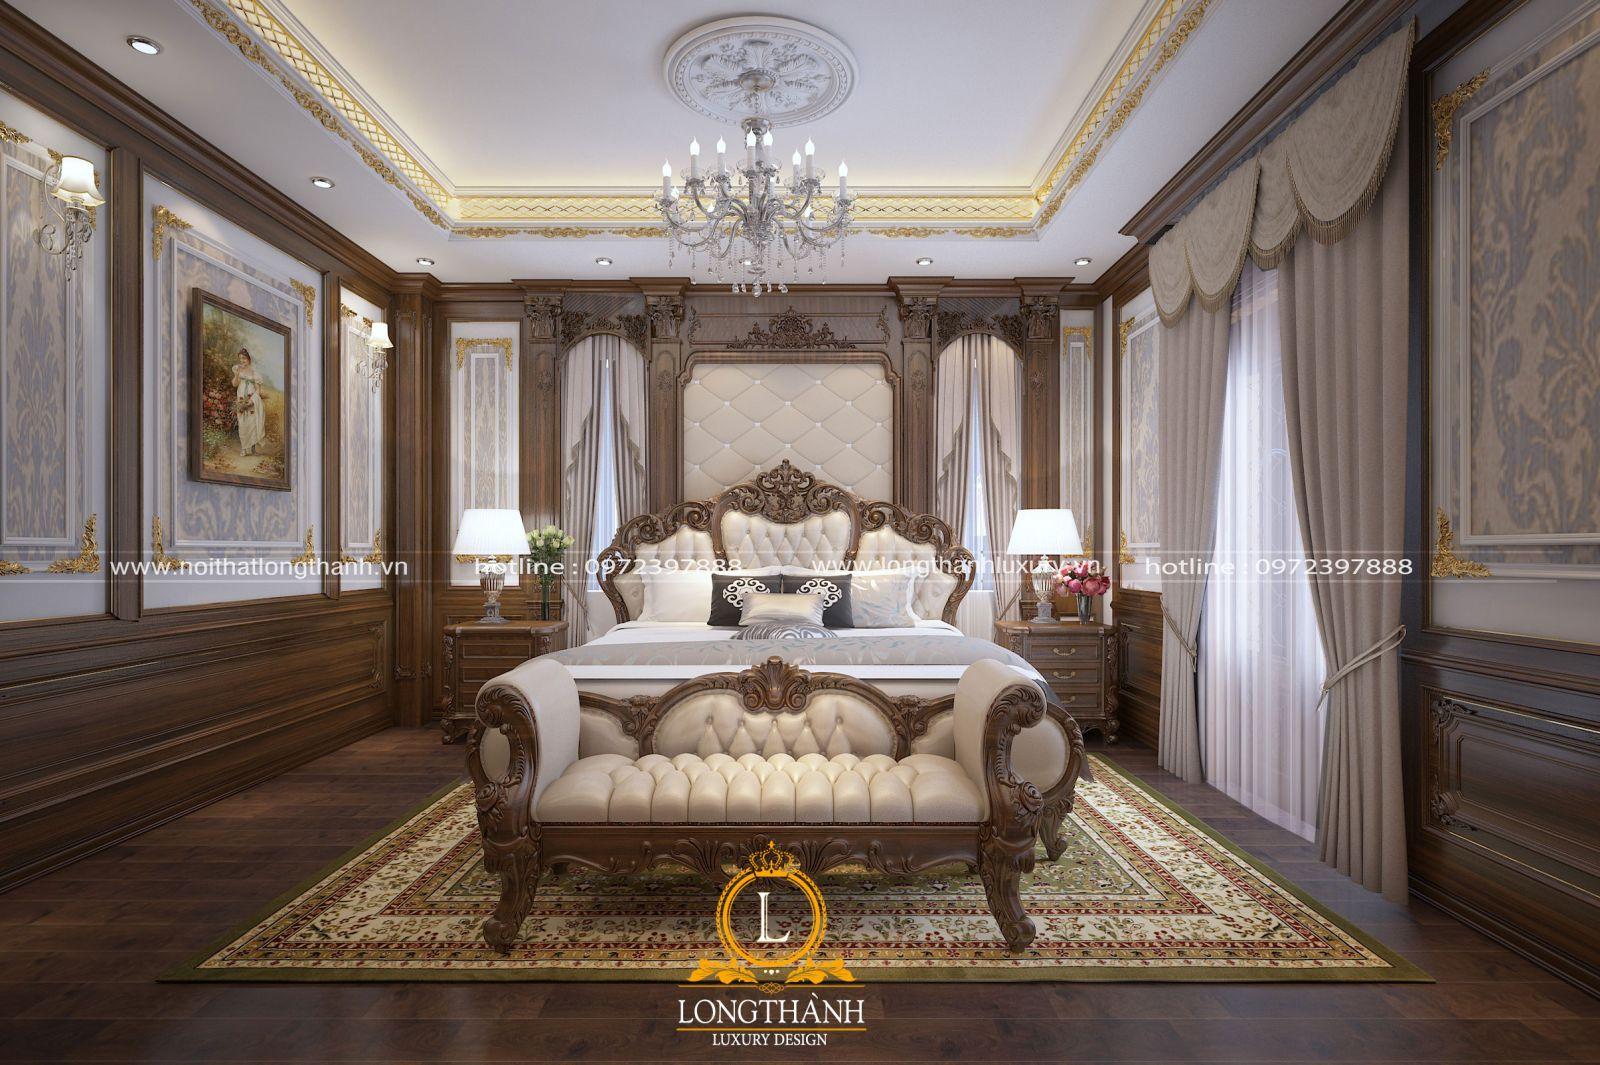 Phòng ngủ tân cổ điển dành cho những chủ nhân vip